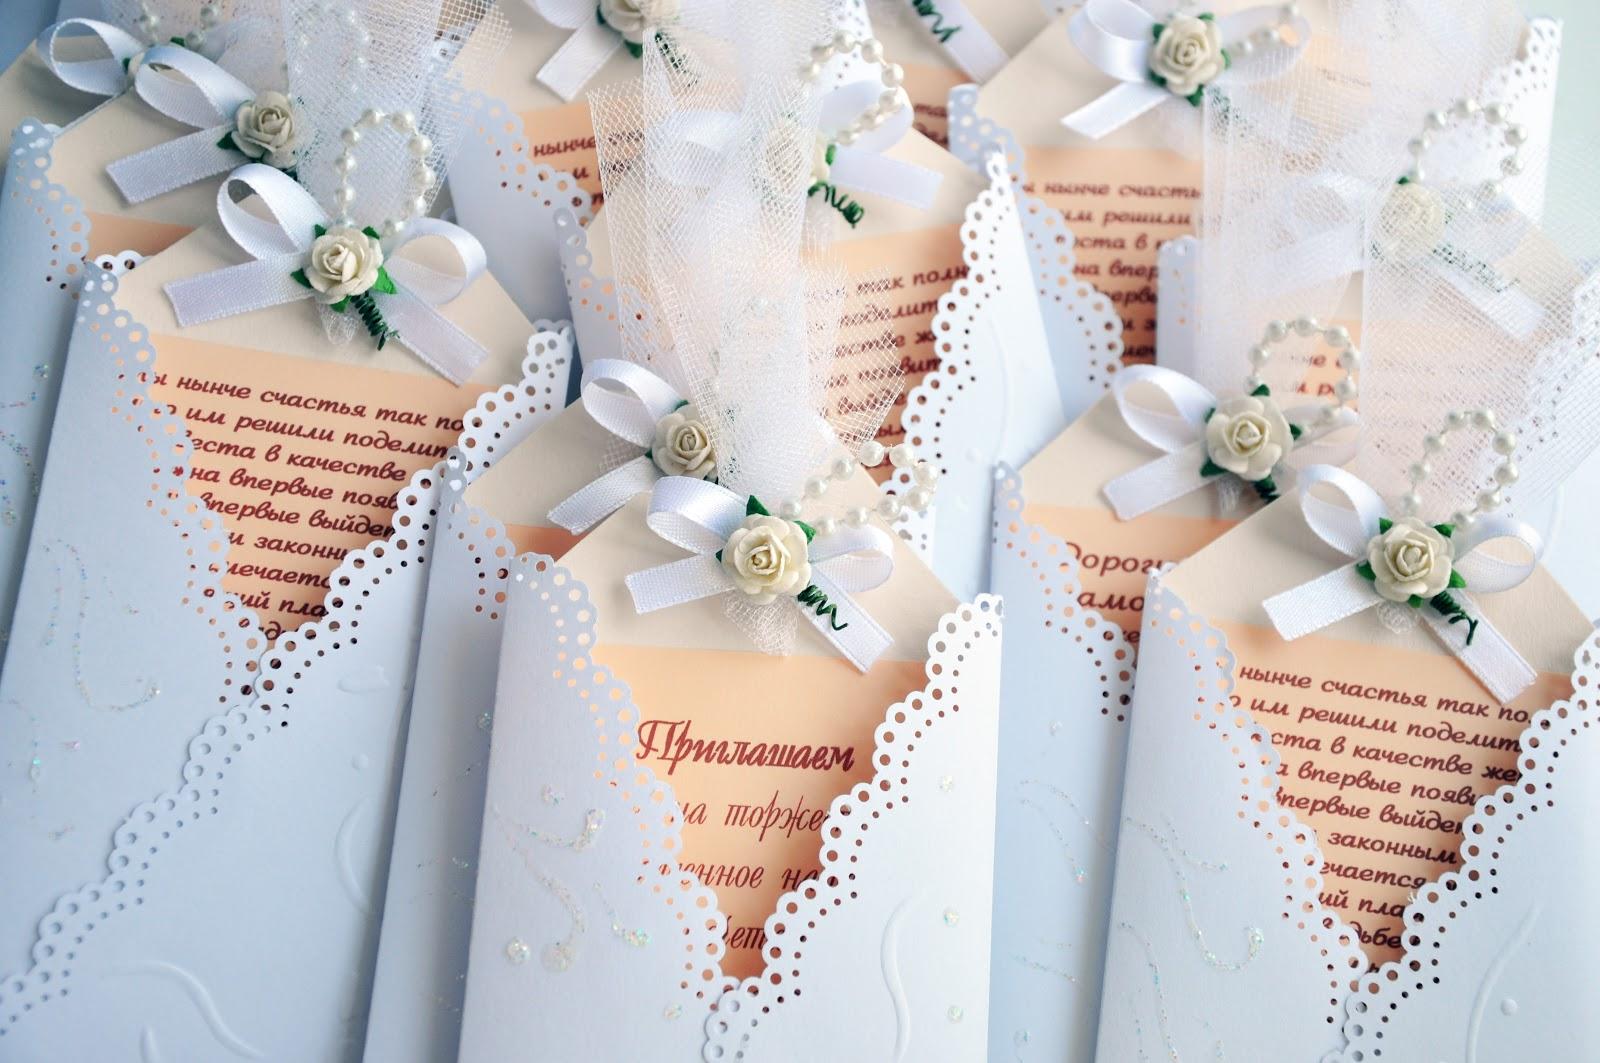 Приглашение на свадьбу в белом цвете